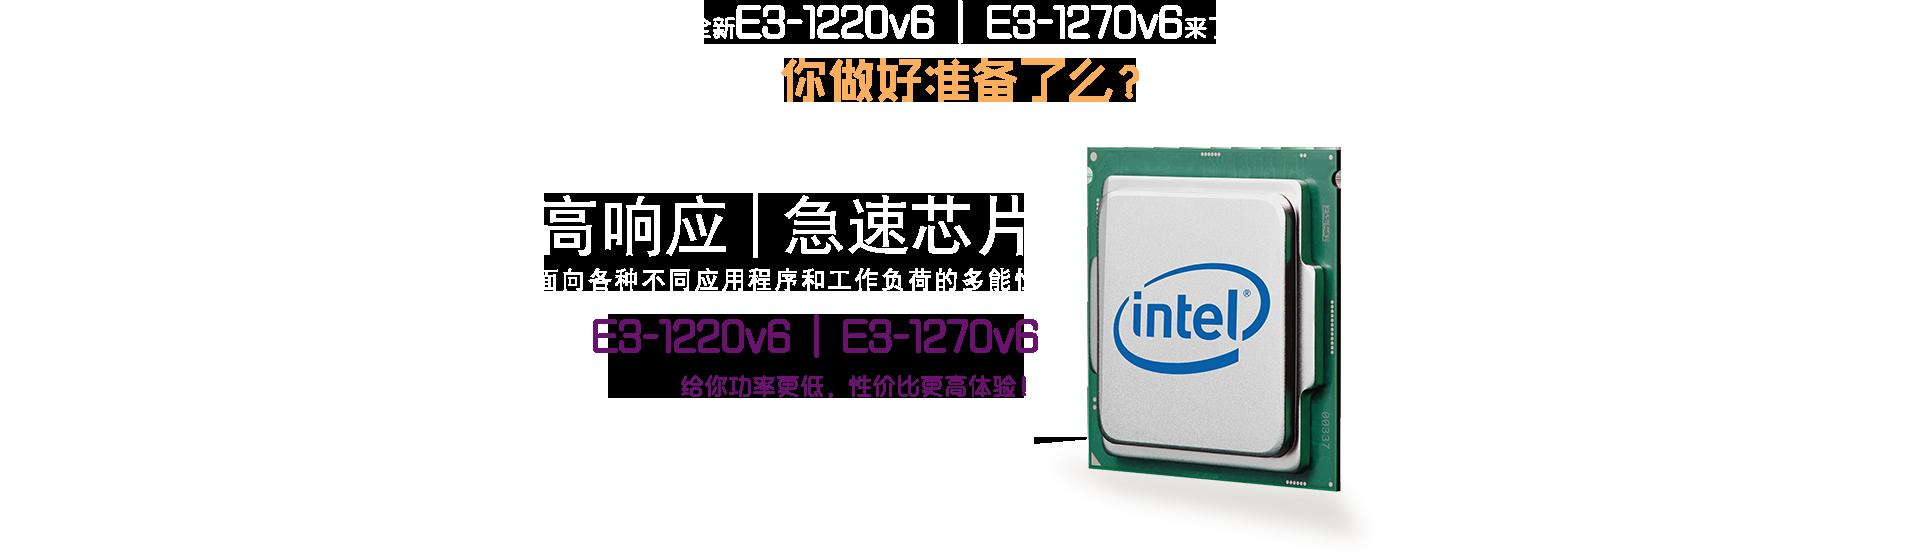 全新E3-1220v6 E3-1270v6来了 你做好准备了么? 高响应,急速芯片 面向各种不同应用程序和工作负荷的多能性 E3 - 1220v6 E3-1270v6 给你功率更低,性价比更高体验!